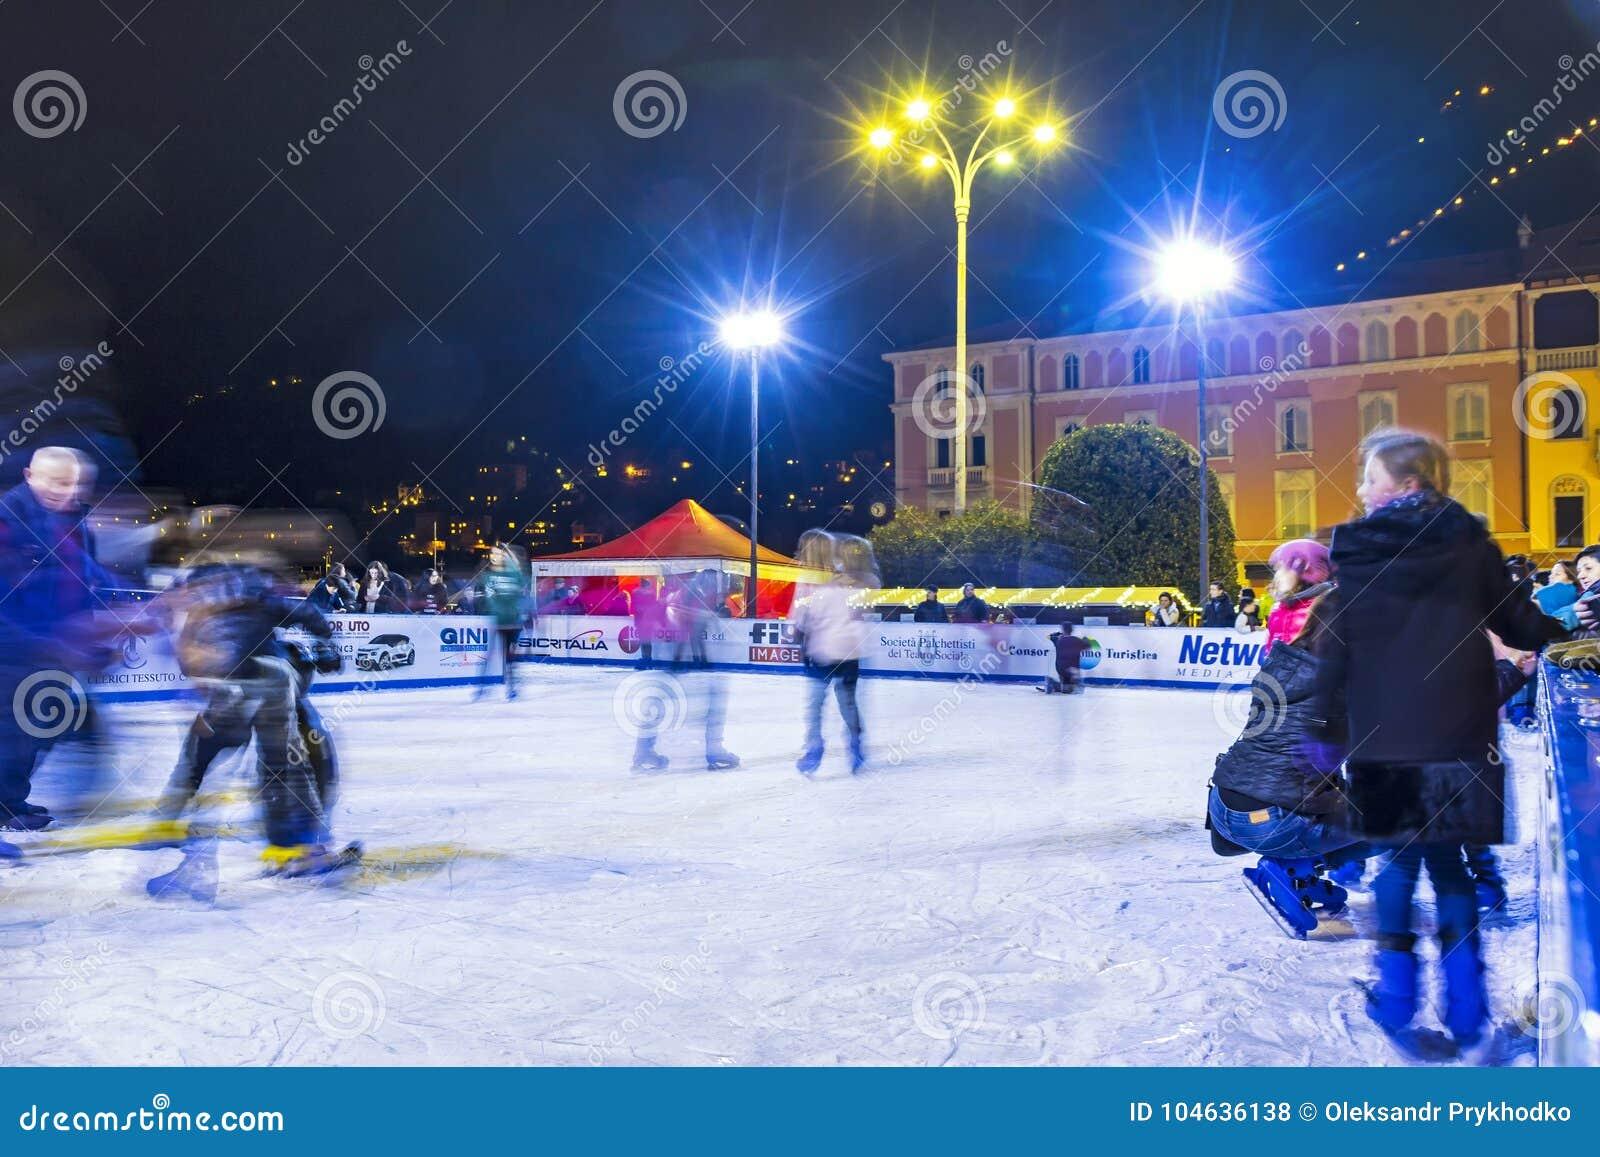 Ice skating rink at Christmas fair in Como, Italy